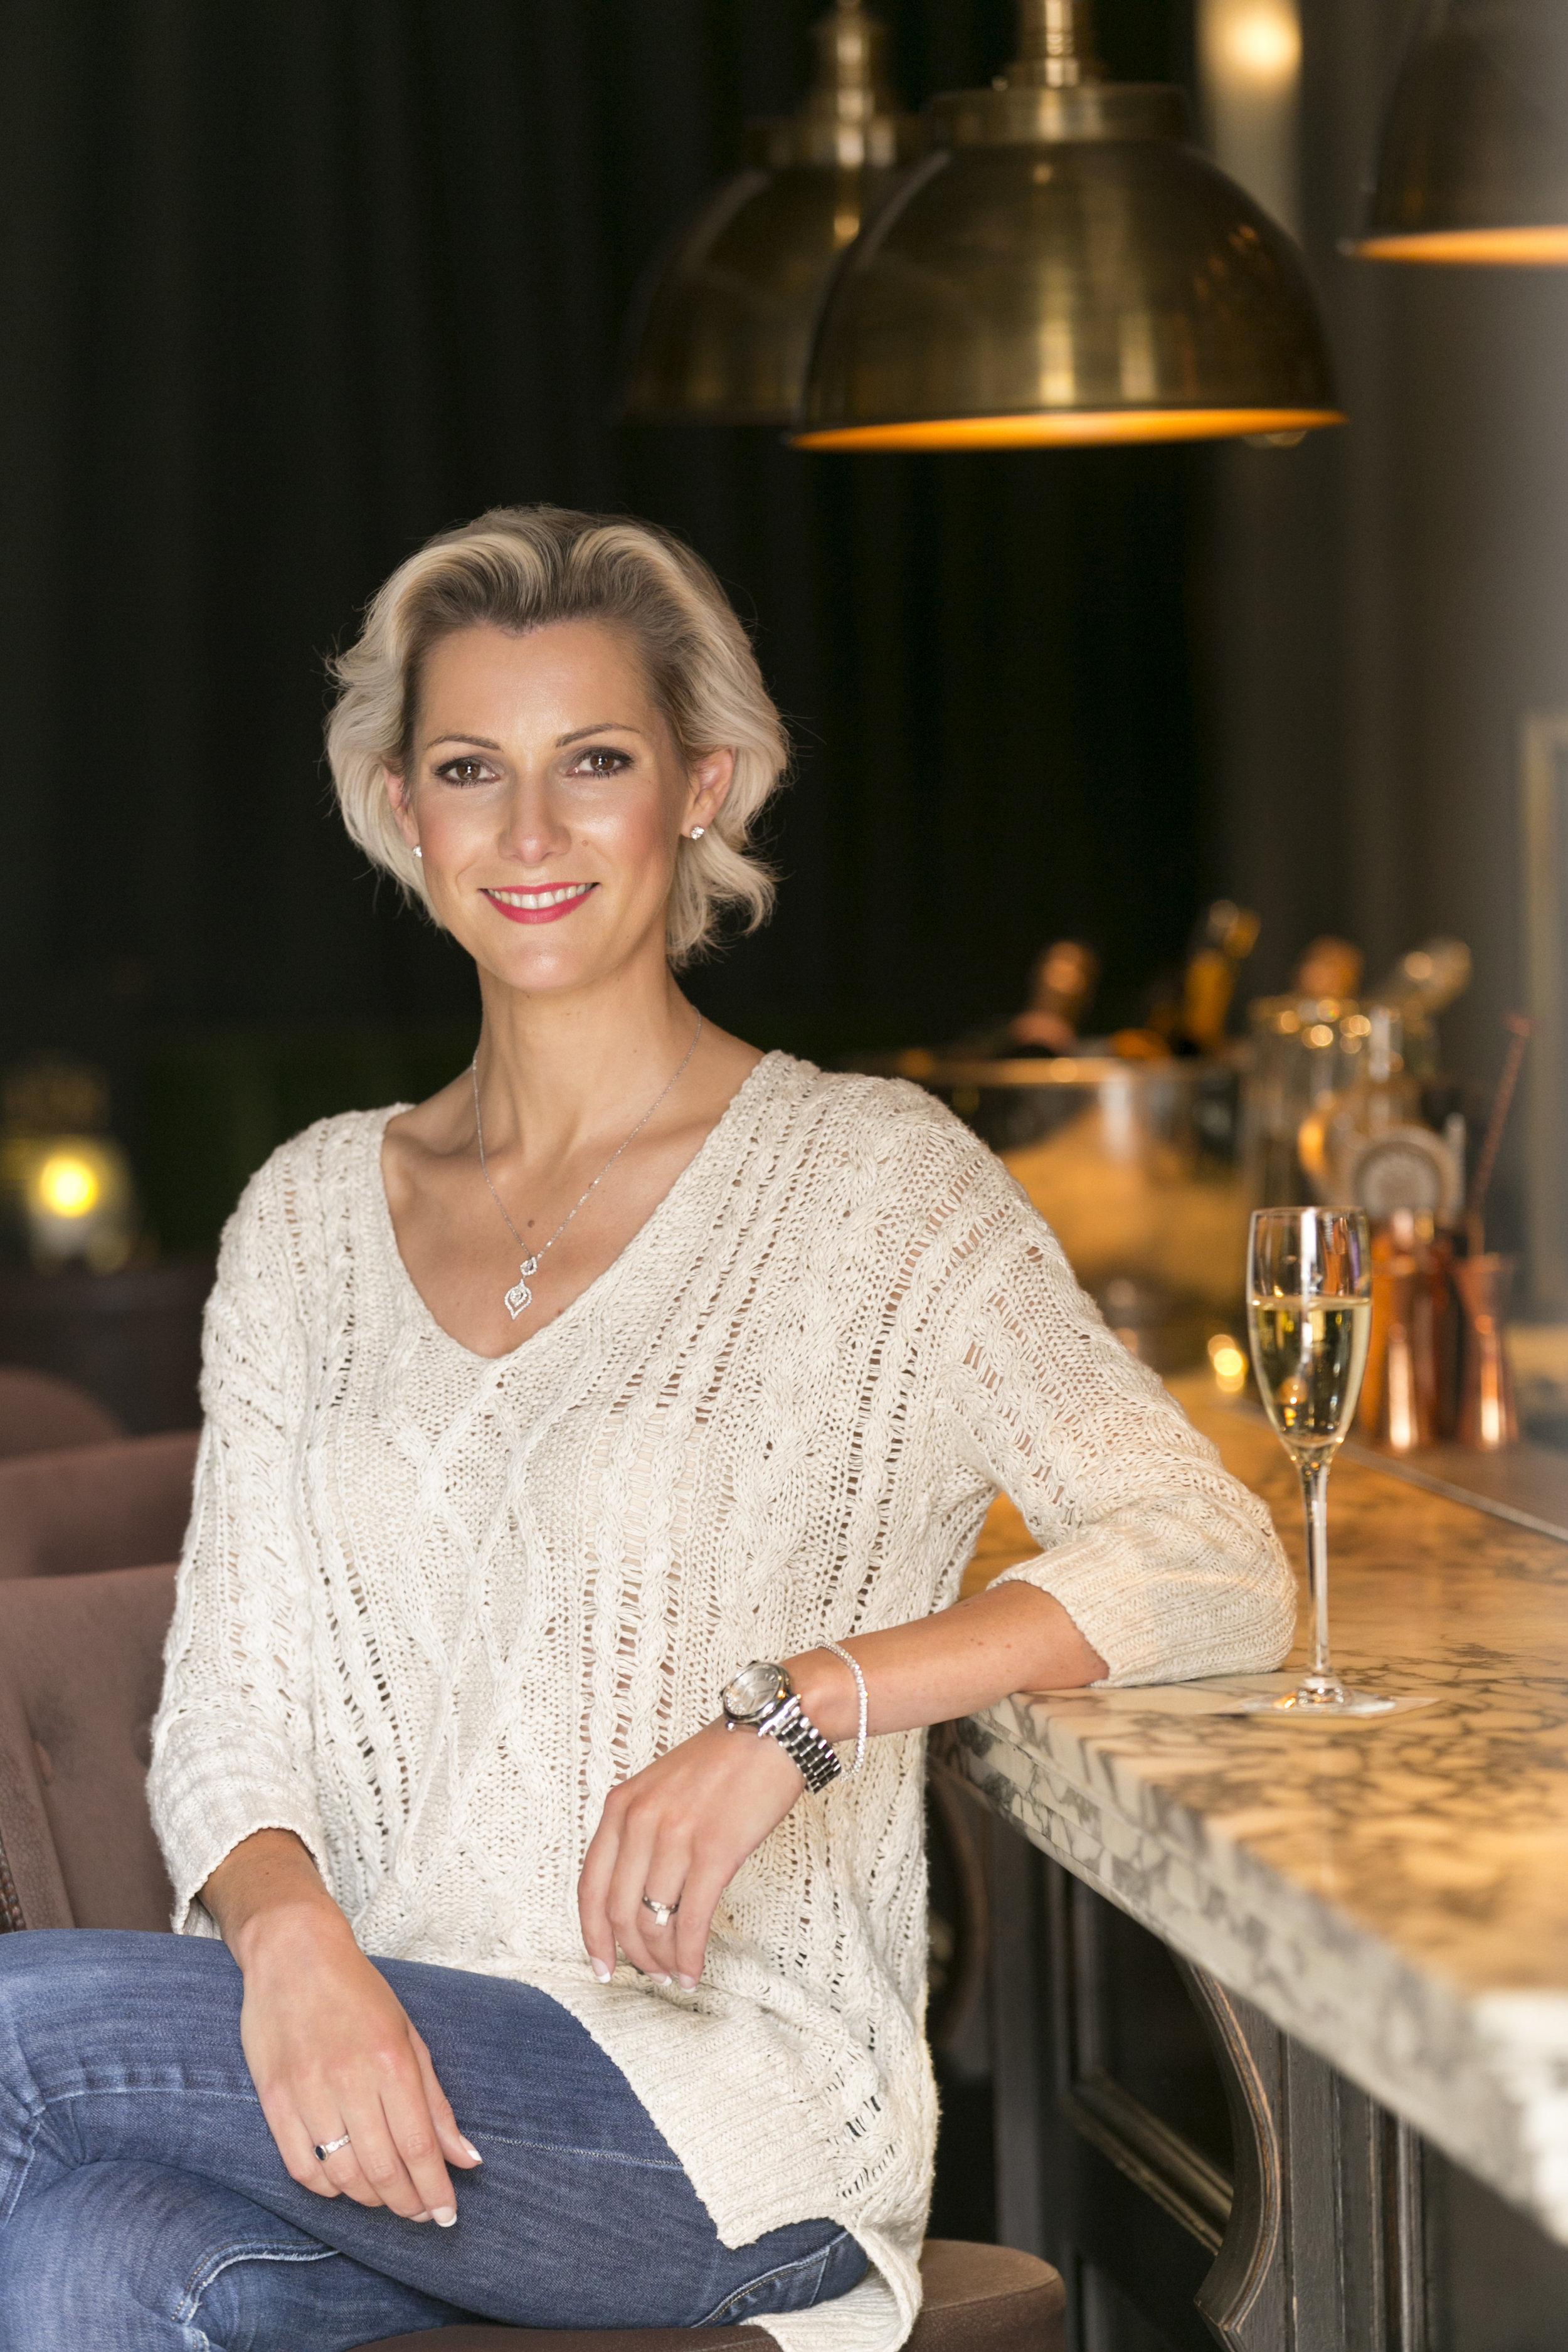 Louise wears ROX Diamond pendant & earrings with Chopard 'Happy Diamonds' Sports Watch